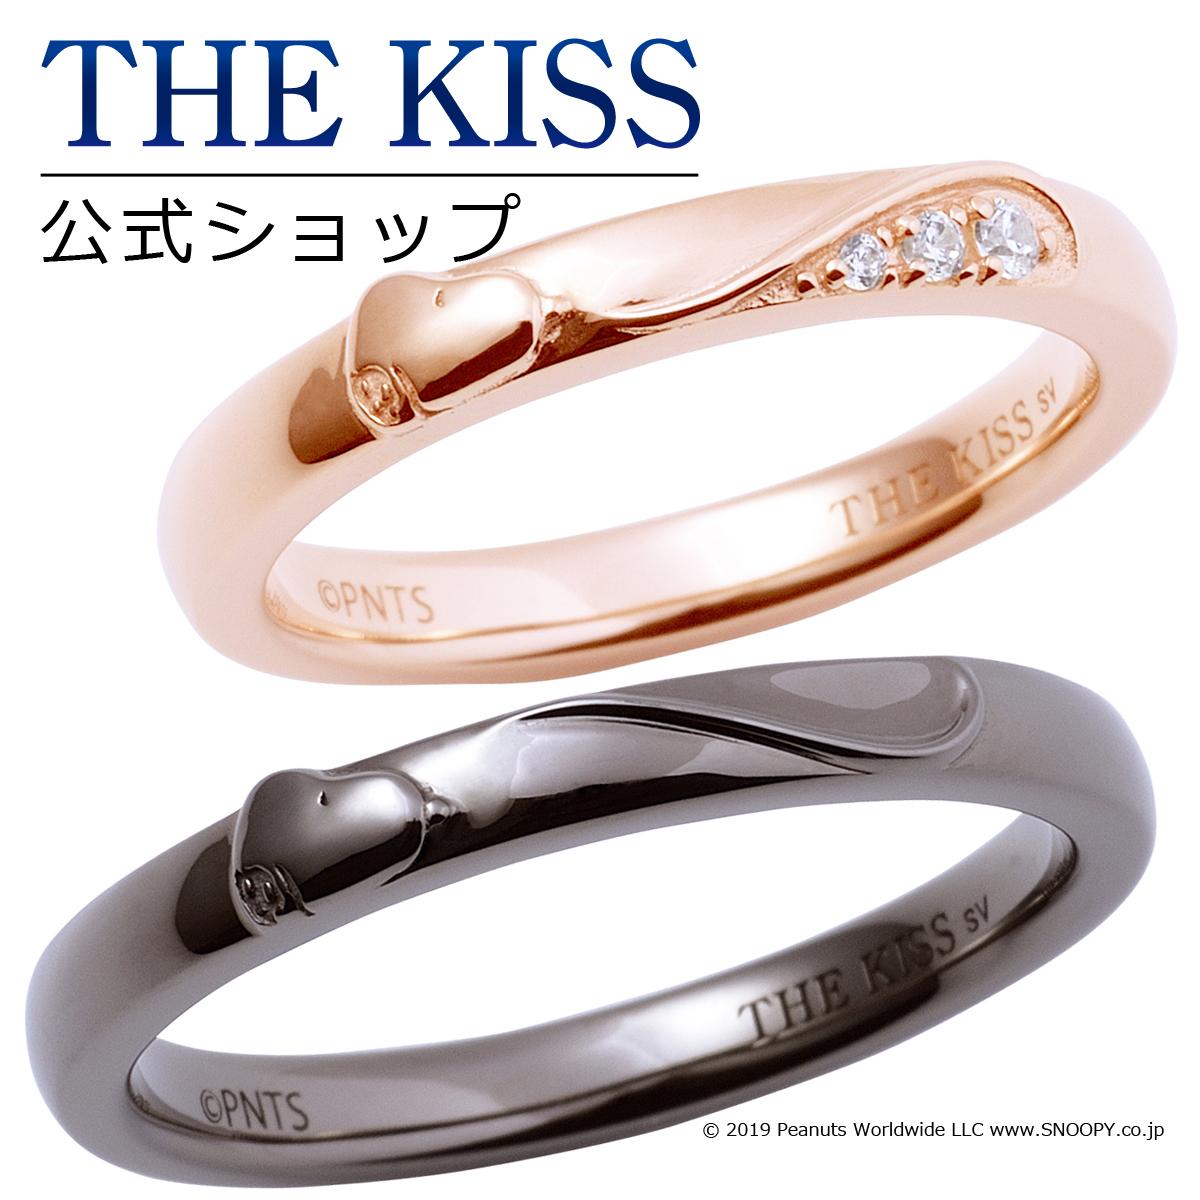 【あす楽対応】【PEANUTS×THE KISSコラボ】PEANUTS スヌーピー / THE KISS 公式サイト シルバー ペアリング ( レディース メンズ ) ペアアクセサリー カップル に 人気 の ジュエリーブランド THEKISS ペア リング・指輪 記念日 PN-SR506CB-507 ザキス 【送料無料】